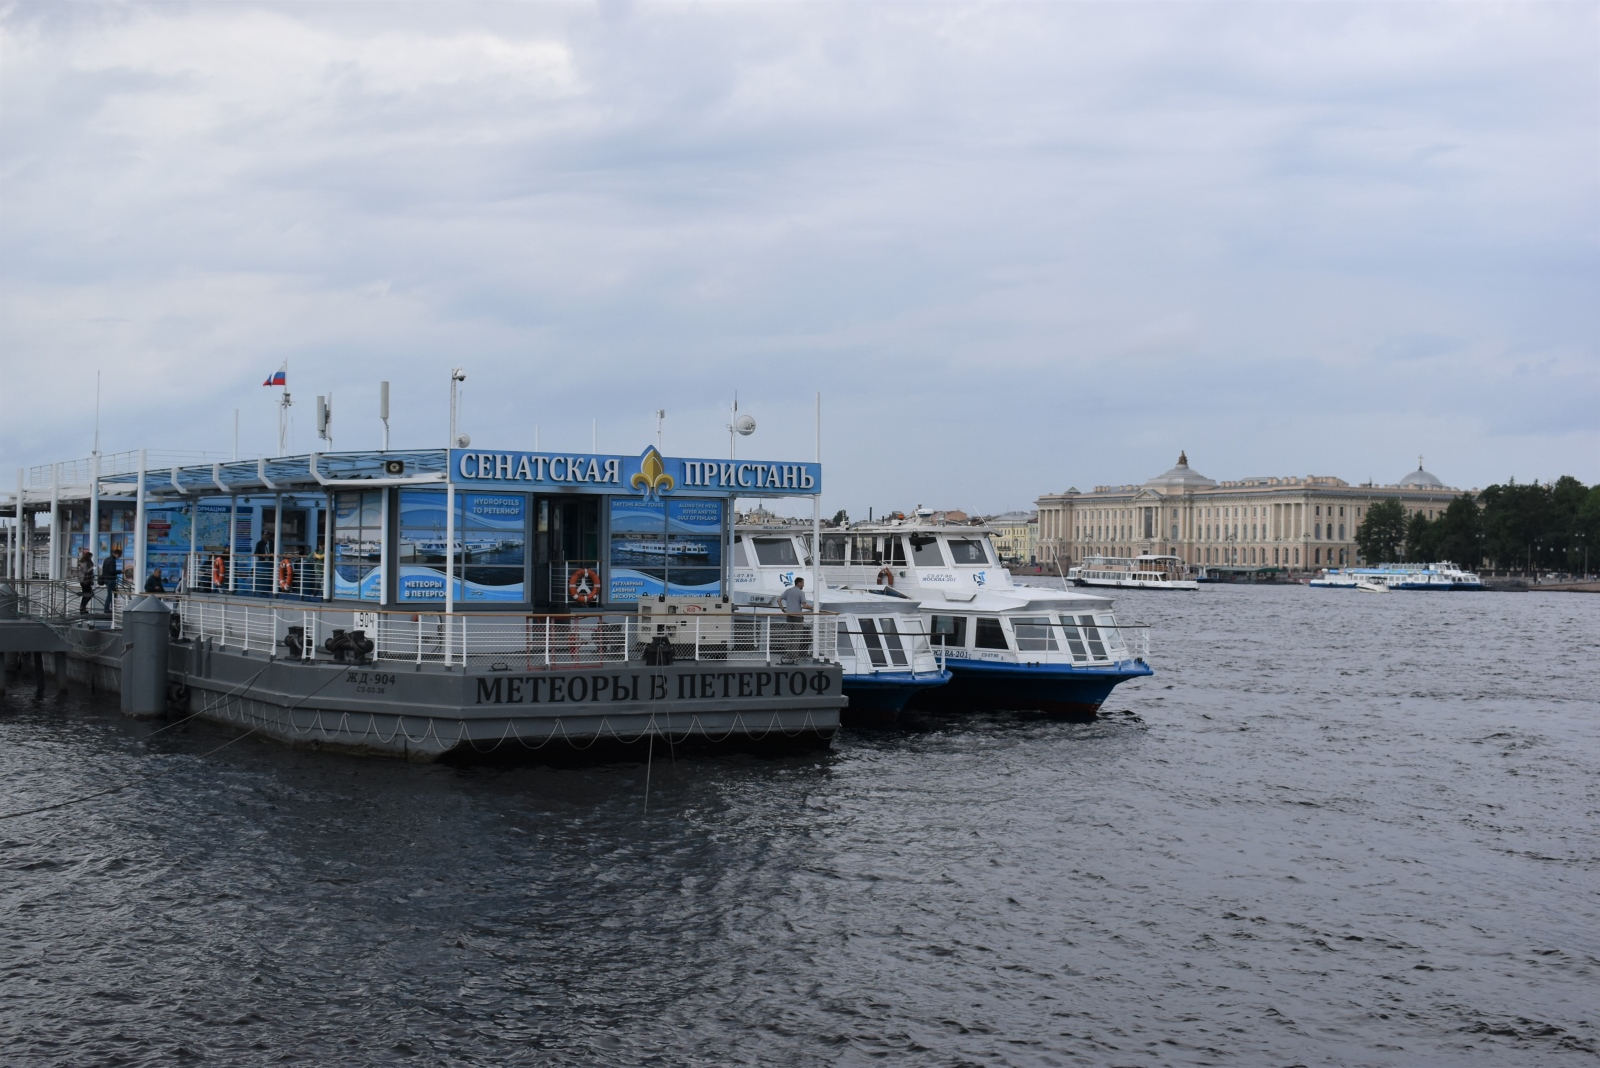 Жители и гости Санкт-Петербурга могут отправиться на экскурсию в Кронштадт и стать участниками исторических экскурсий.